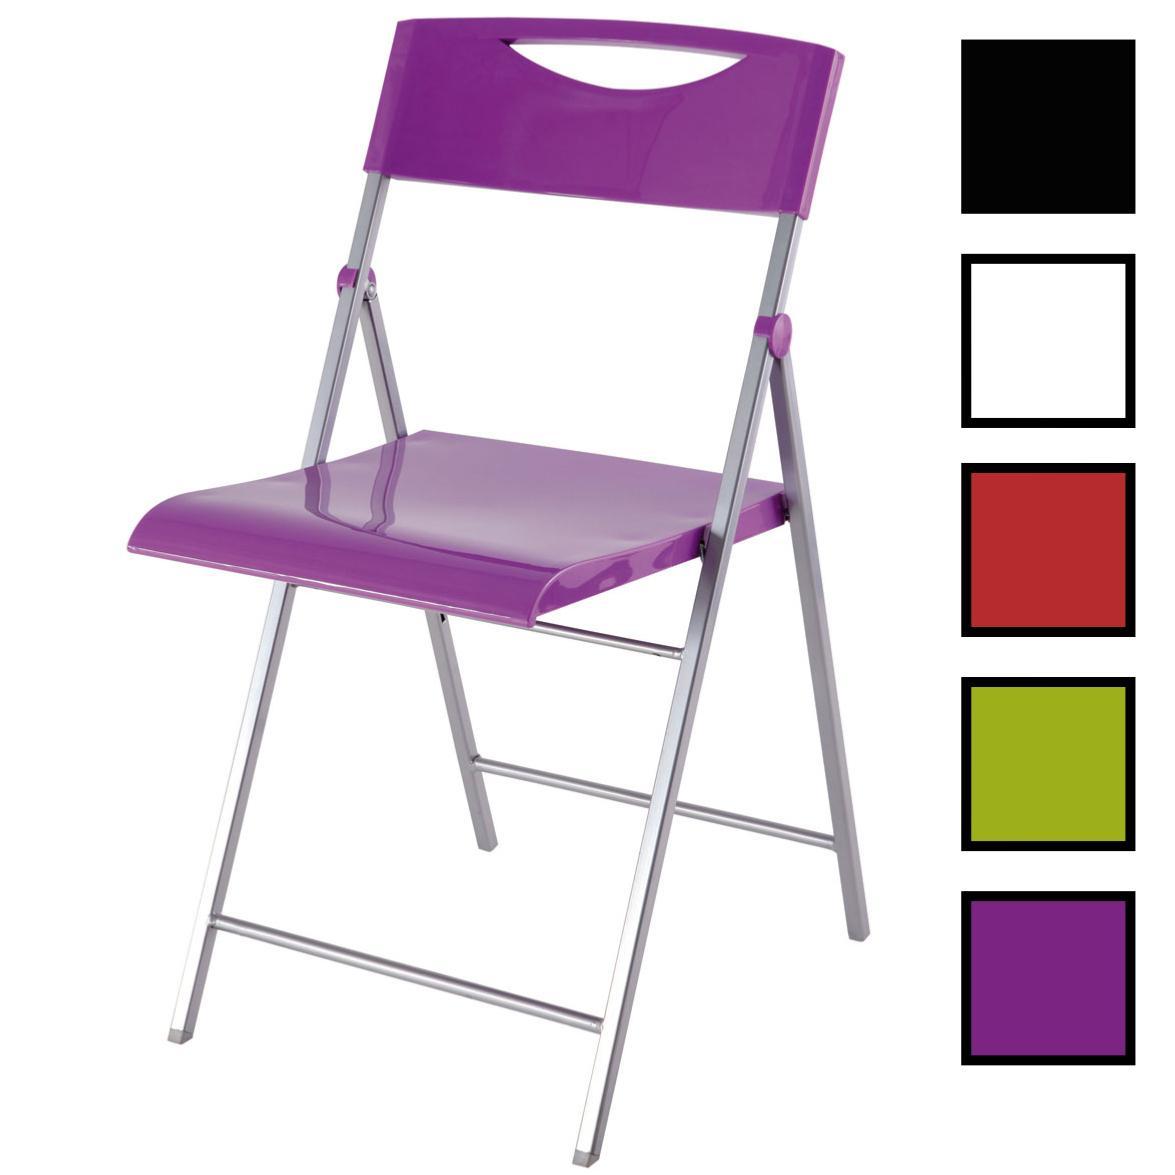 DARWIN - Chaise pliante en acier et plastique